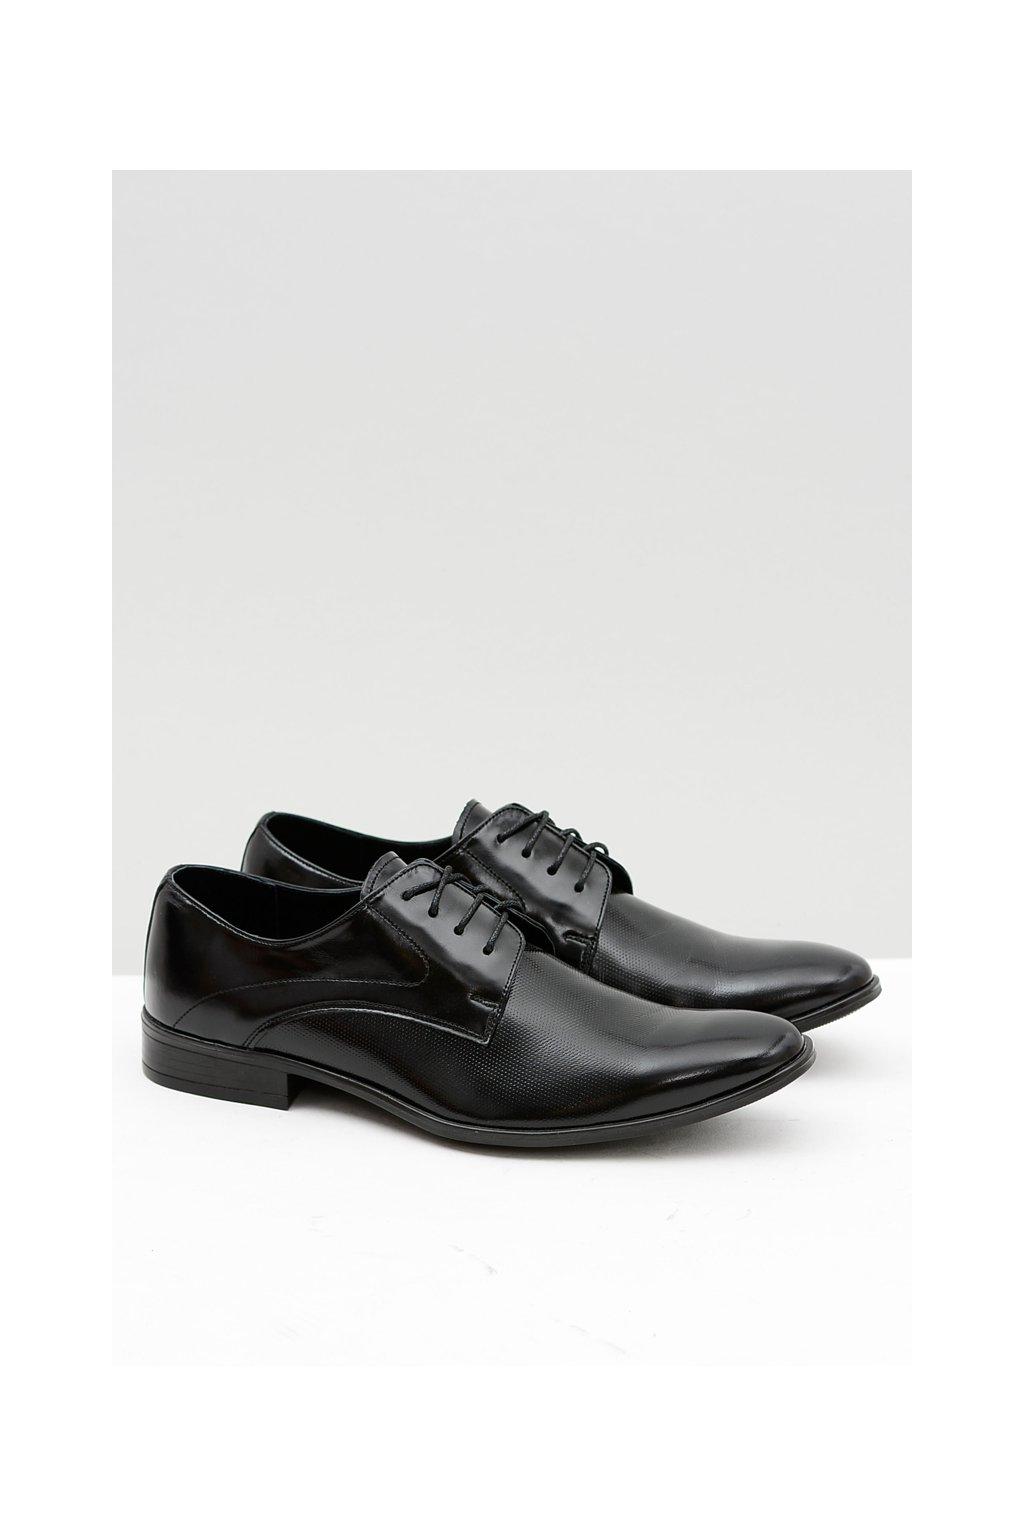 Pánske vychádzkové topánky Cappy Leather